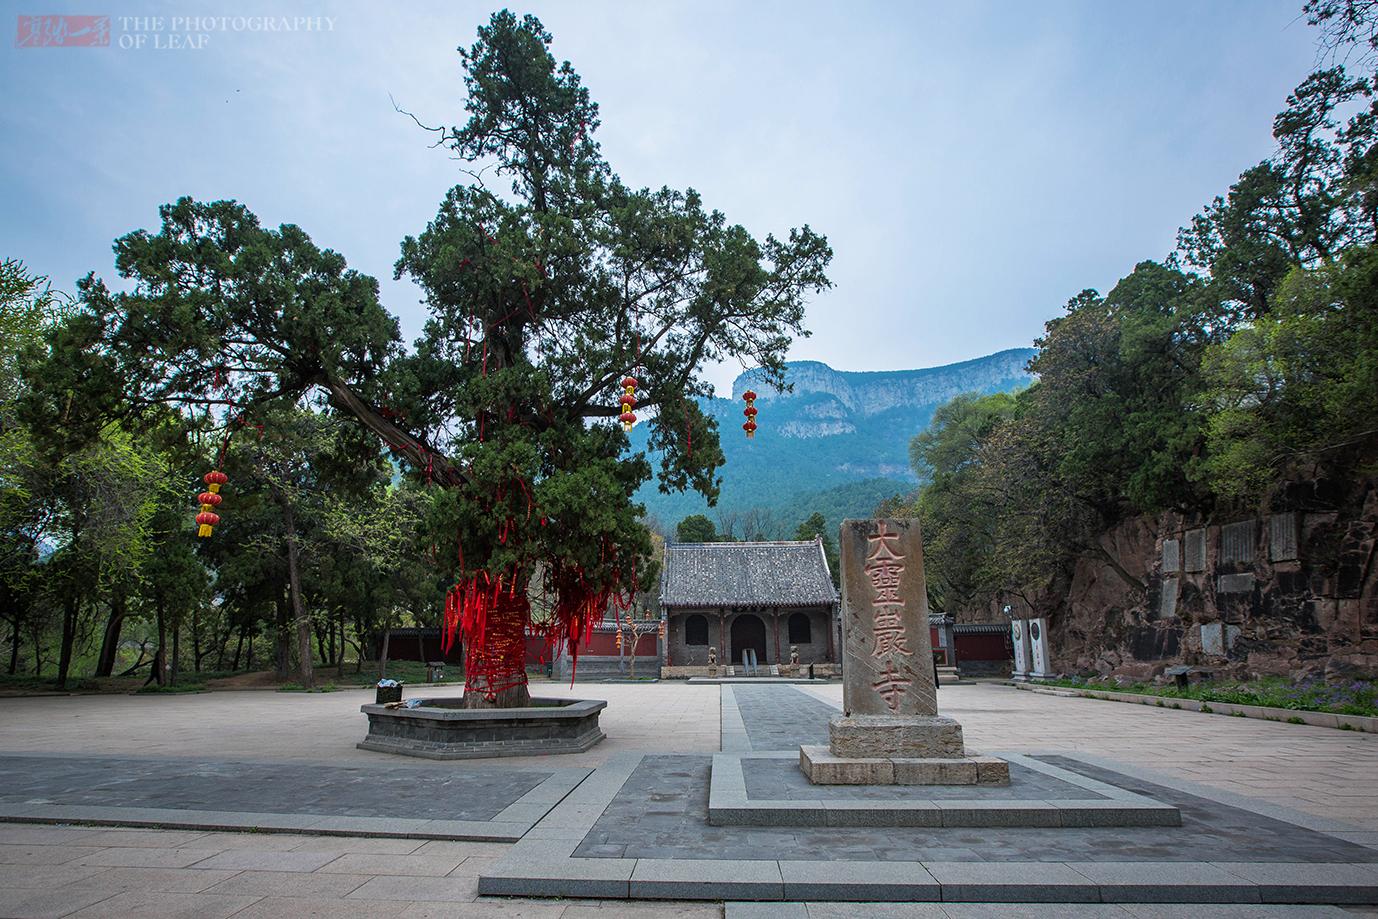 山东灵岩寺40尊彩塑像,被称为天下一绝,一尊铁胎塑像成未解之谜